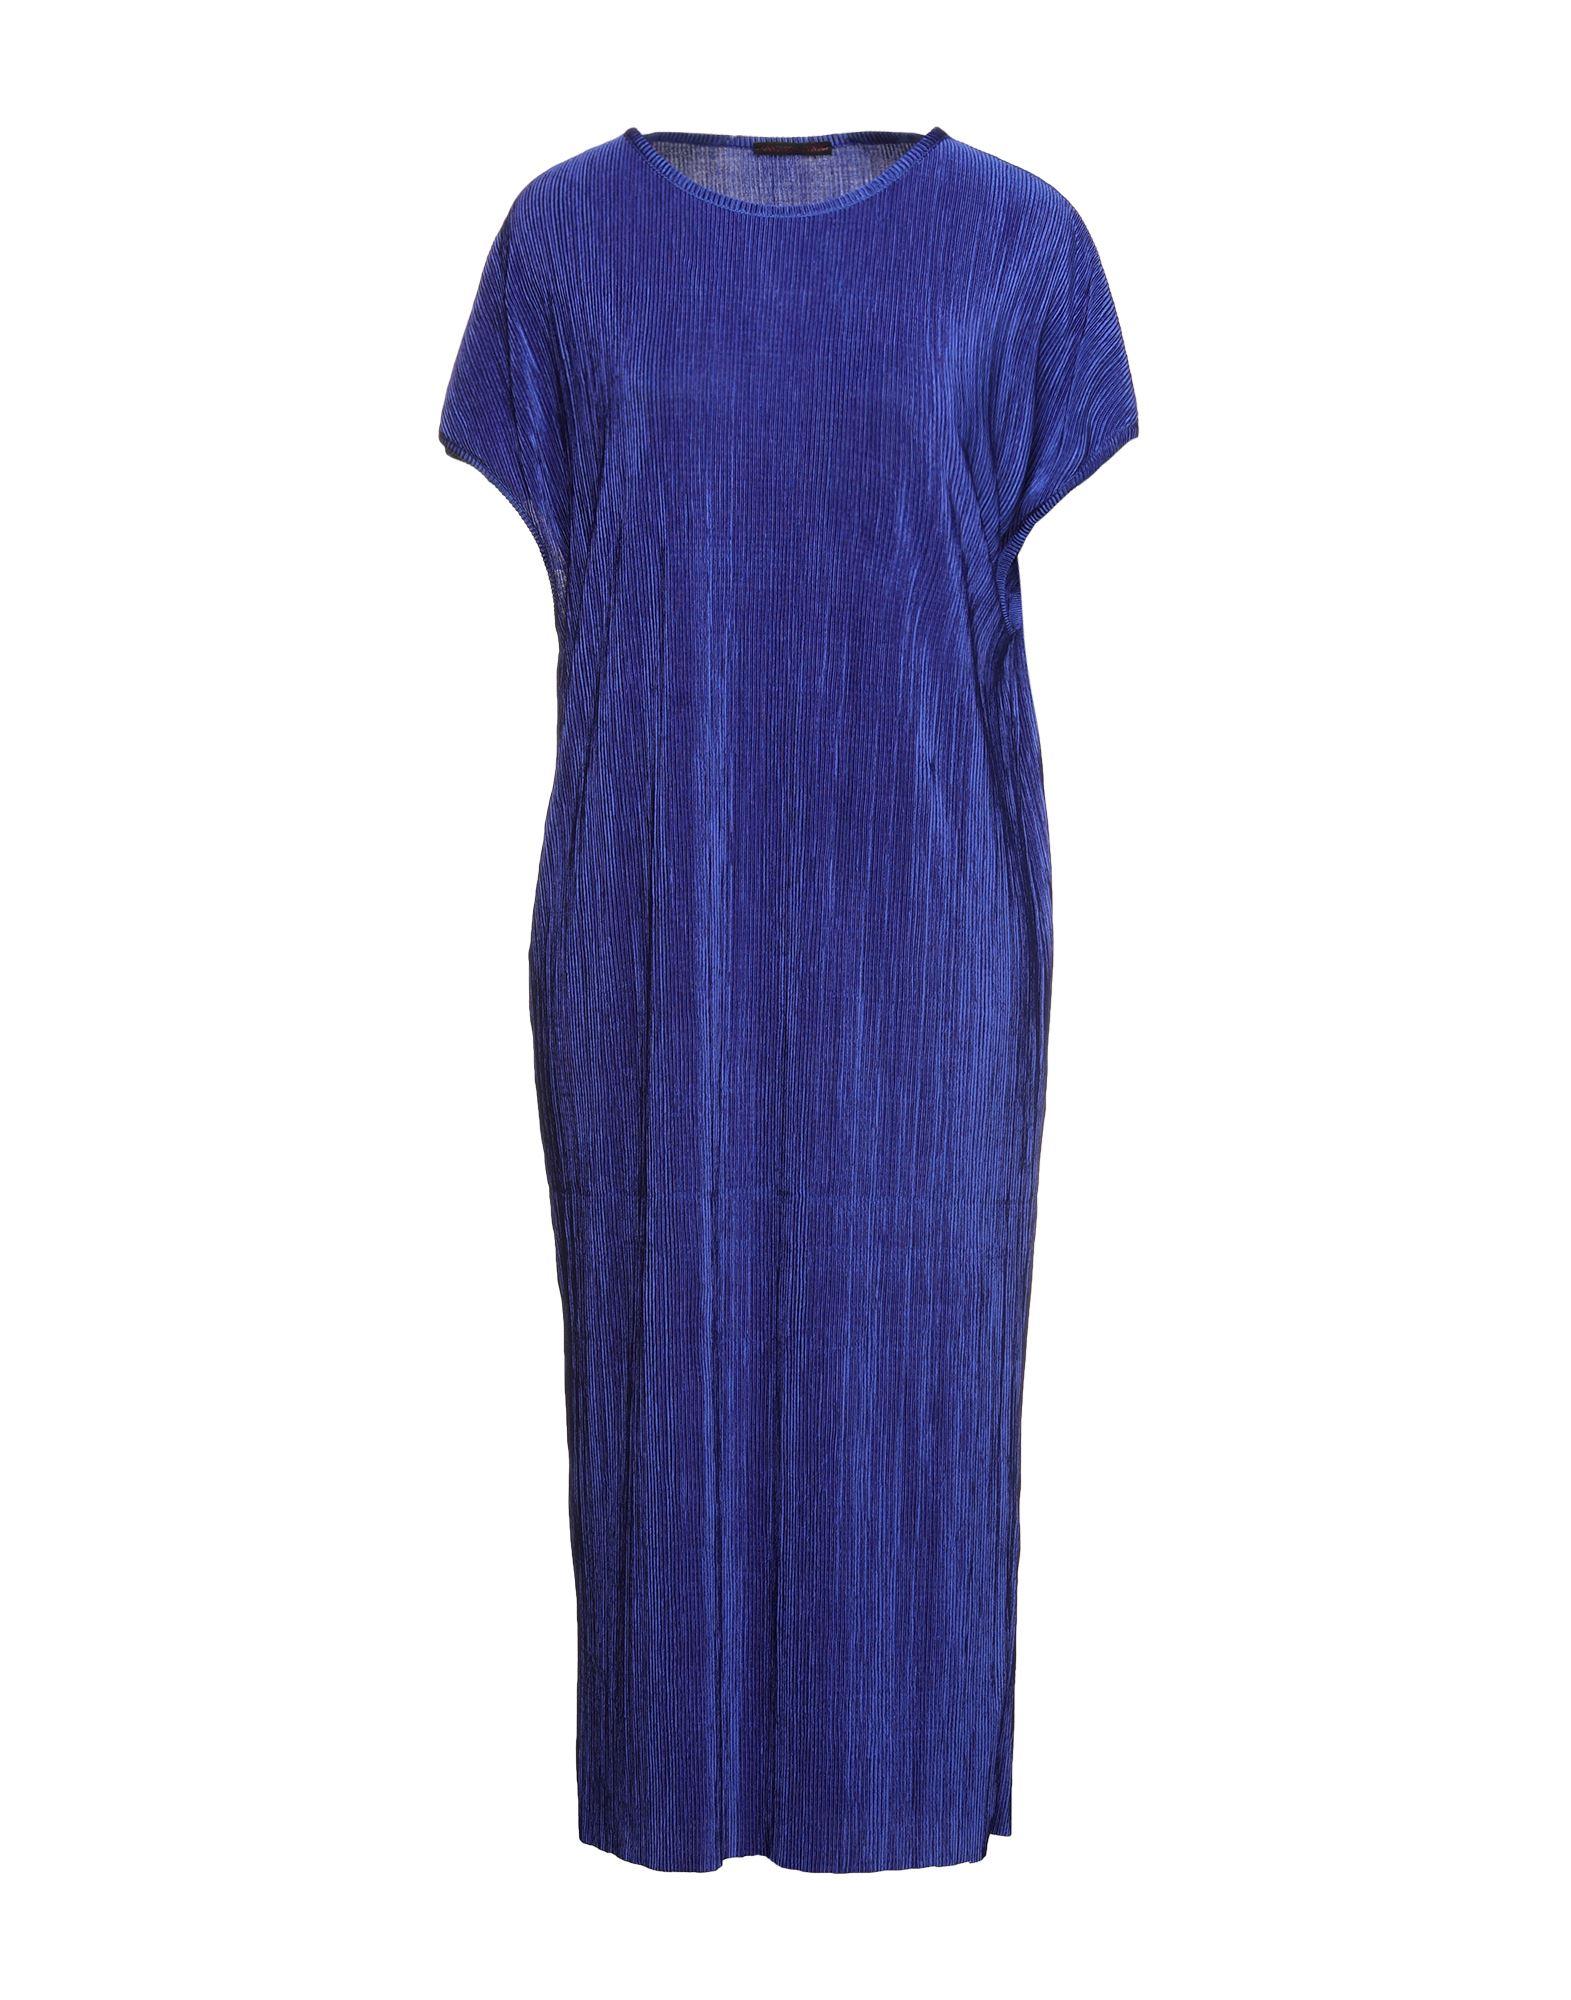 FRANCESCA CONOCI Платье длиной 3/4 фото